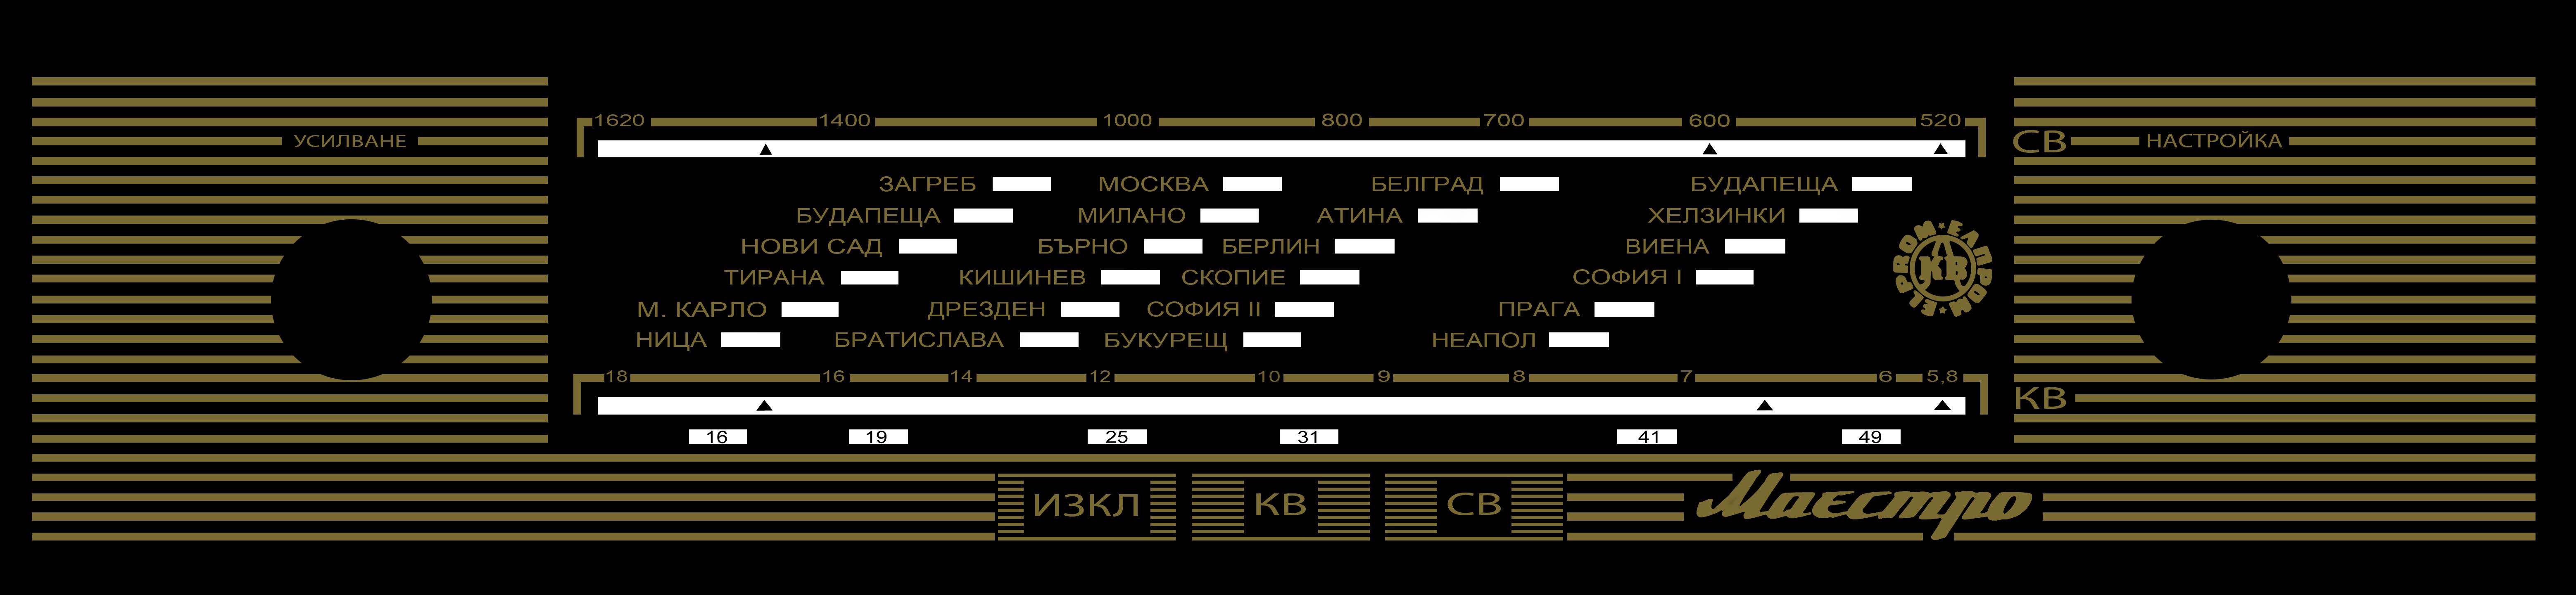 Радио Маестро скала